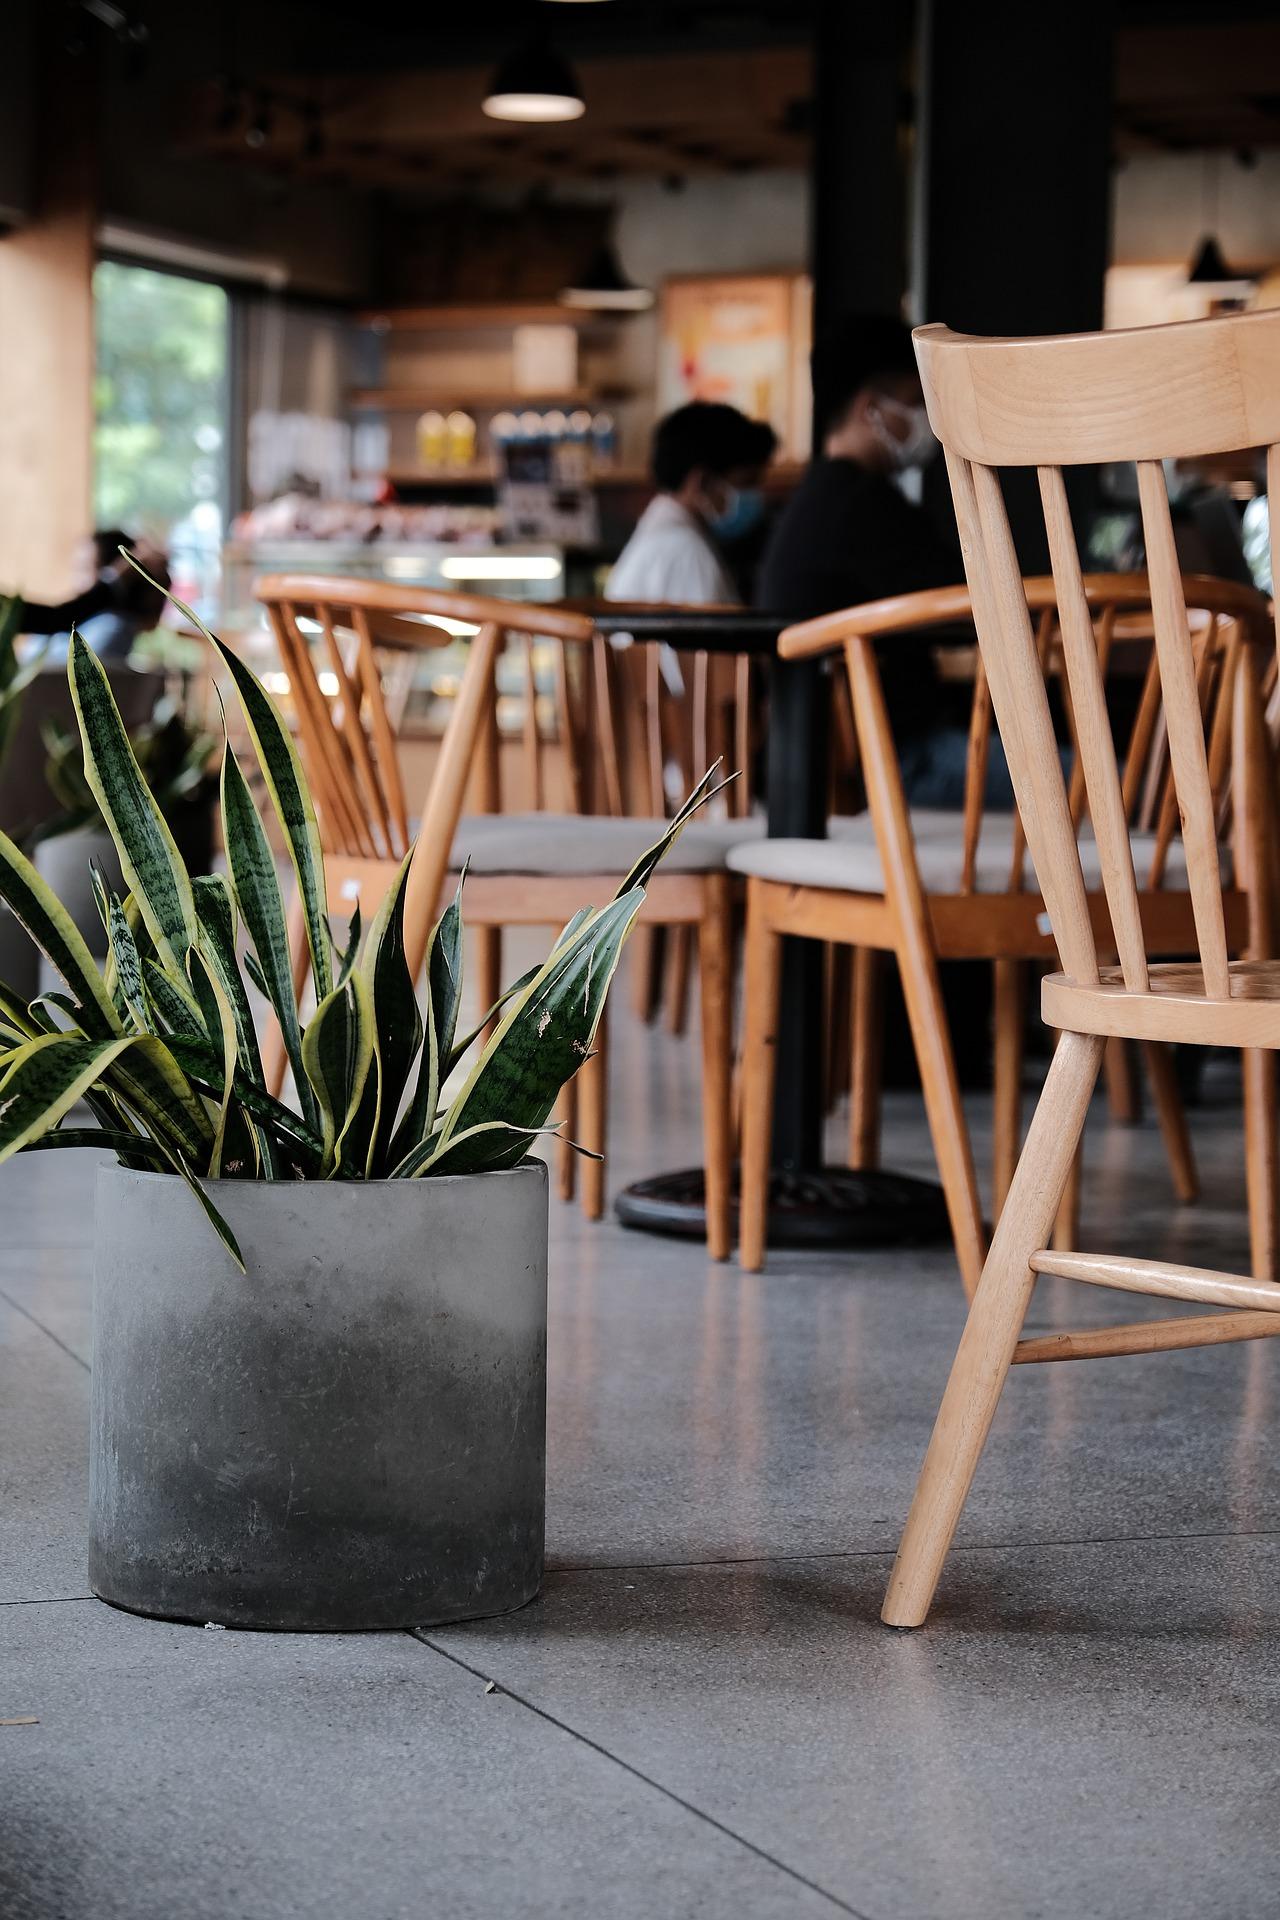 rencana bisnis untuk tempat teh hijau